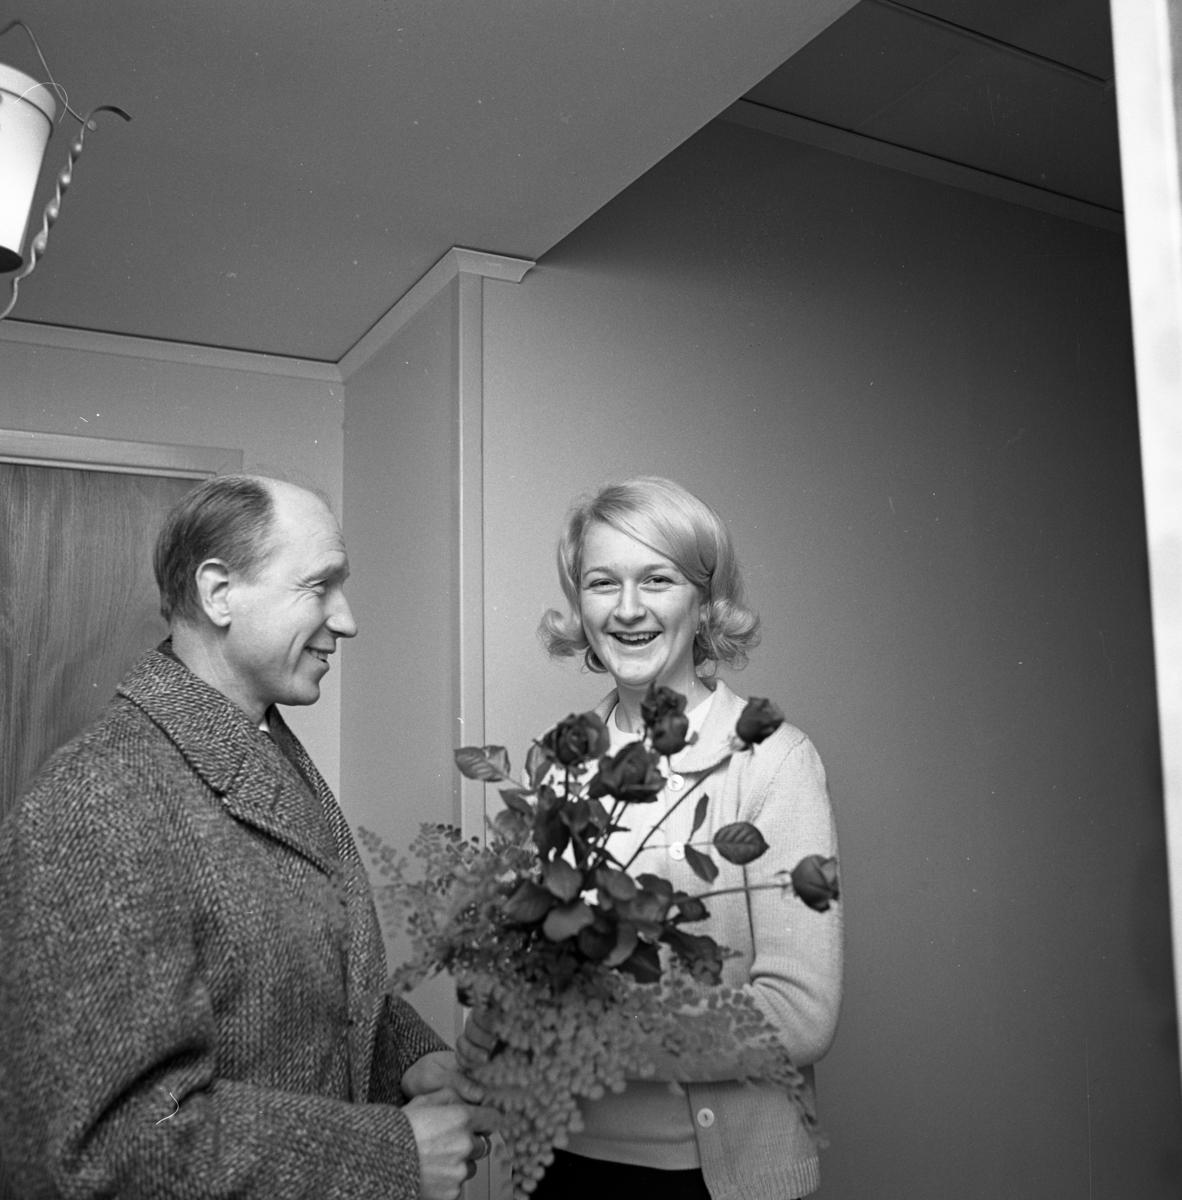 Lars Erjö, från Lions Club, knackar på hos Ann-Britt Gustafsson och meddelar att hon blivit vald till Årets Lucia! Han överlämnar en blombukett.